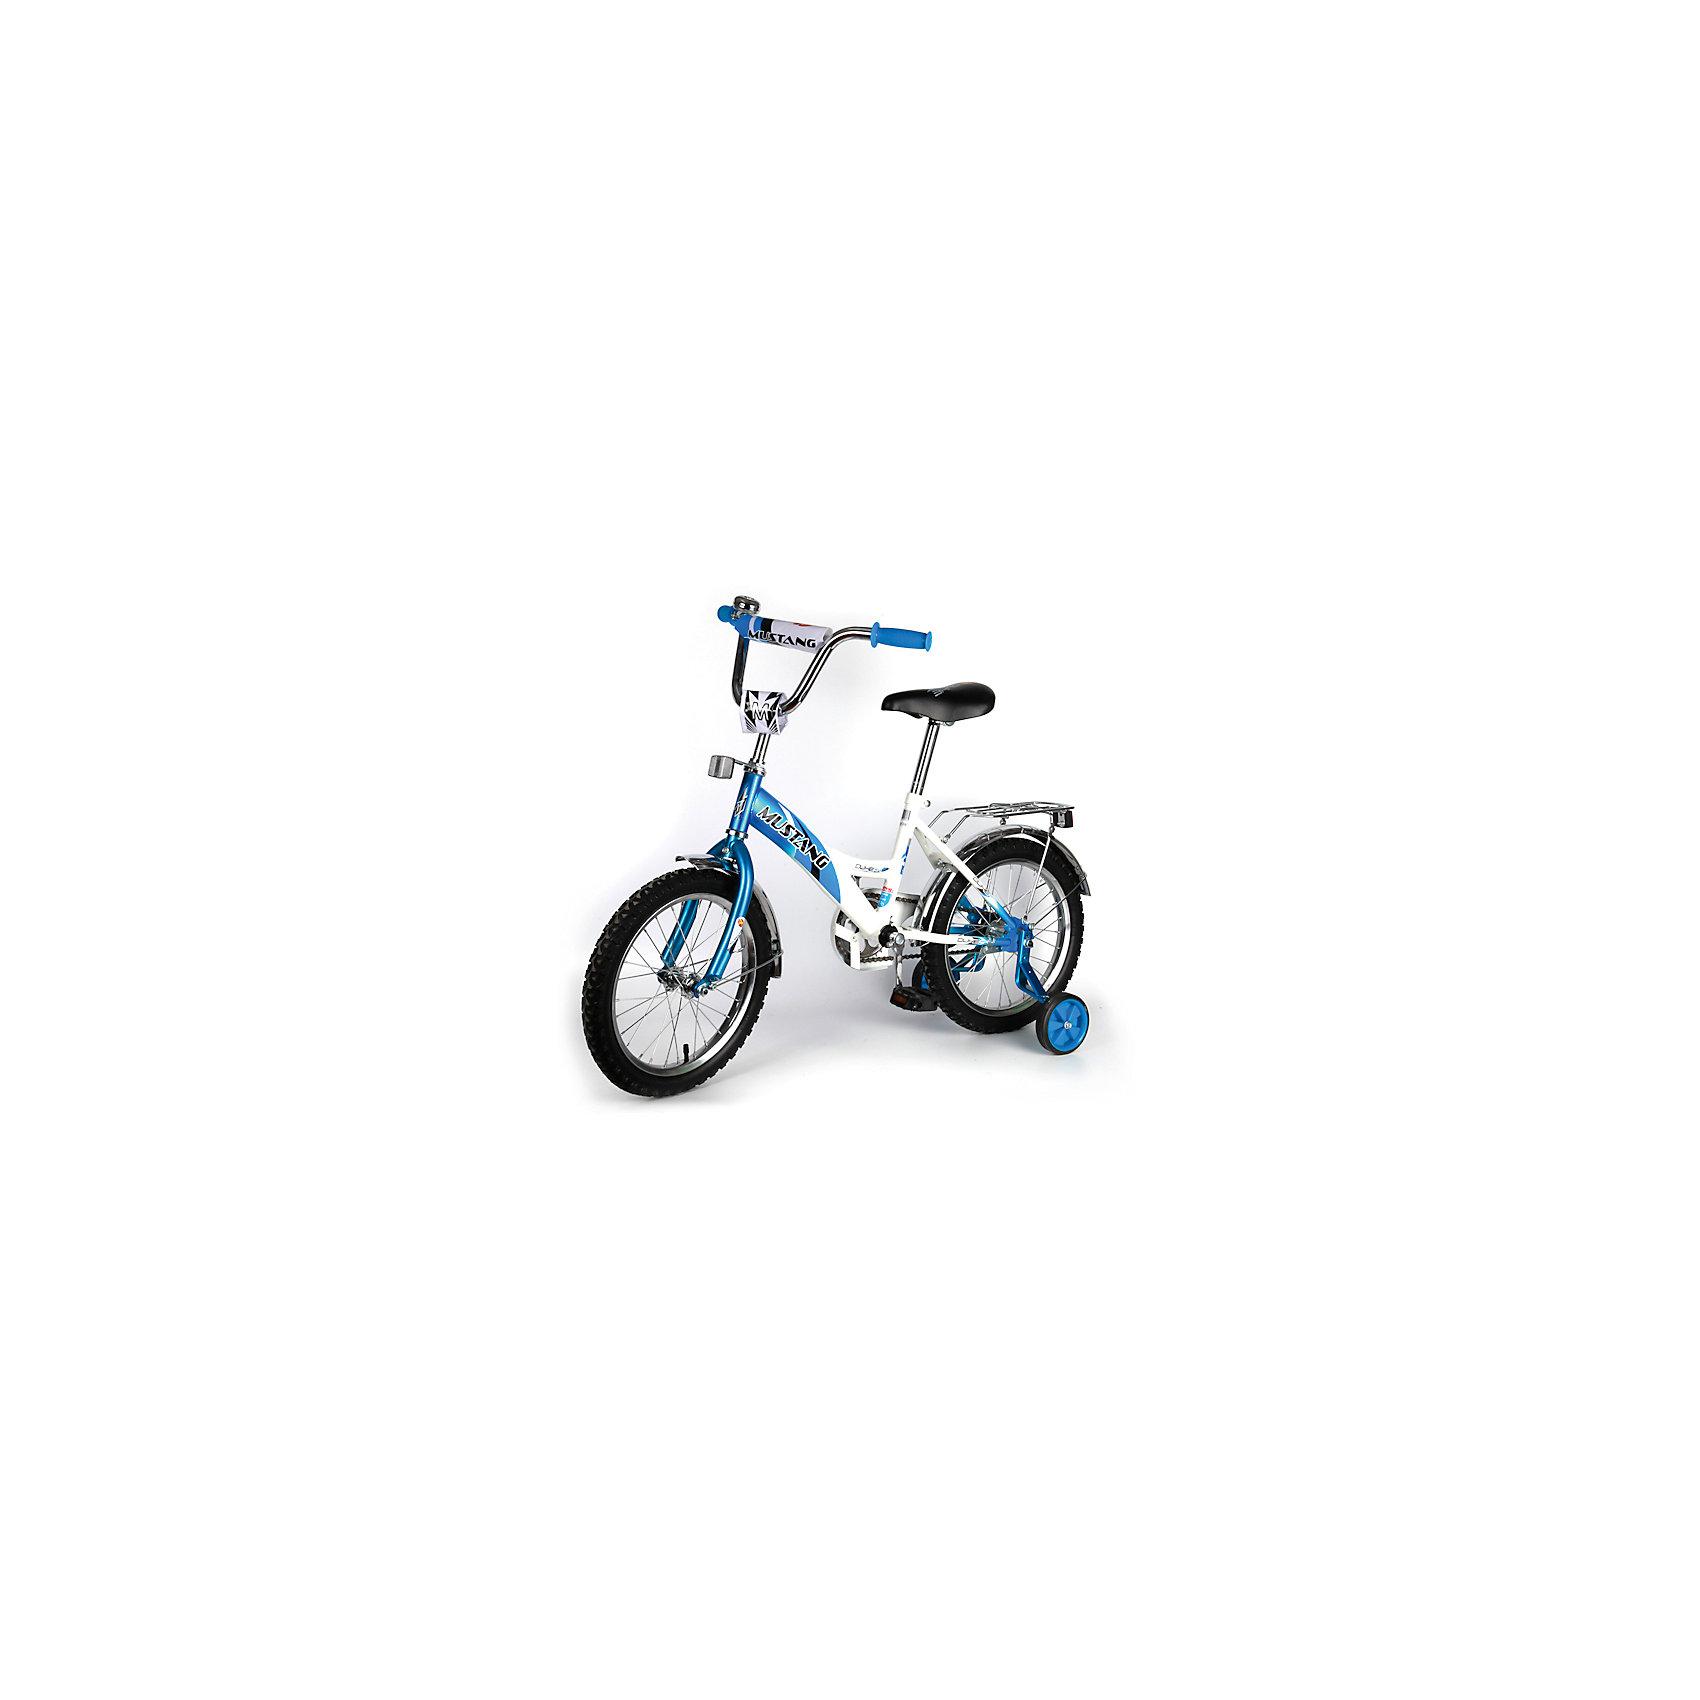 """Детский велосипед,  16,  синий/белый, MustangВелосипеды детские<br>Характеристики товара:<br><br>• цвет: синий, белый<br>• низкая рама<br>• диаметр колес: 40 см (16)<br>• 1 скорость<br>• задний ножной тормоз<br>• регулируемый хромированный руль BMX с защитной накладкой<br>• багажник<br>• звонок<br>• приставные пластиковые колеса с усиленным кронштейном<br>• усиленные хромированные крылья<br>• ограничитель поворота руля<br>• полная защита цепи """"Р"""" типа<br>• вес: 11,5 кг<br>• размер в собранном виде: 53х81х111 см<br>• допустимый вес: до 40 кг<br>• рекомендуемый возраст: от 3 лет<br><br>Ширина мм: 530<br>Глубина мм: 810<br>Высота мм: 1110<br>Вес г: 11500<br>Возраст от месяцев: 36<br>Возраст до месяцев: 84<br>Пол: Мужской<br>Возраст: Детский<br>SKU: 5526395"""